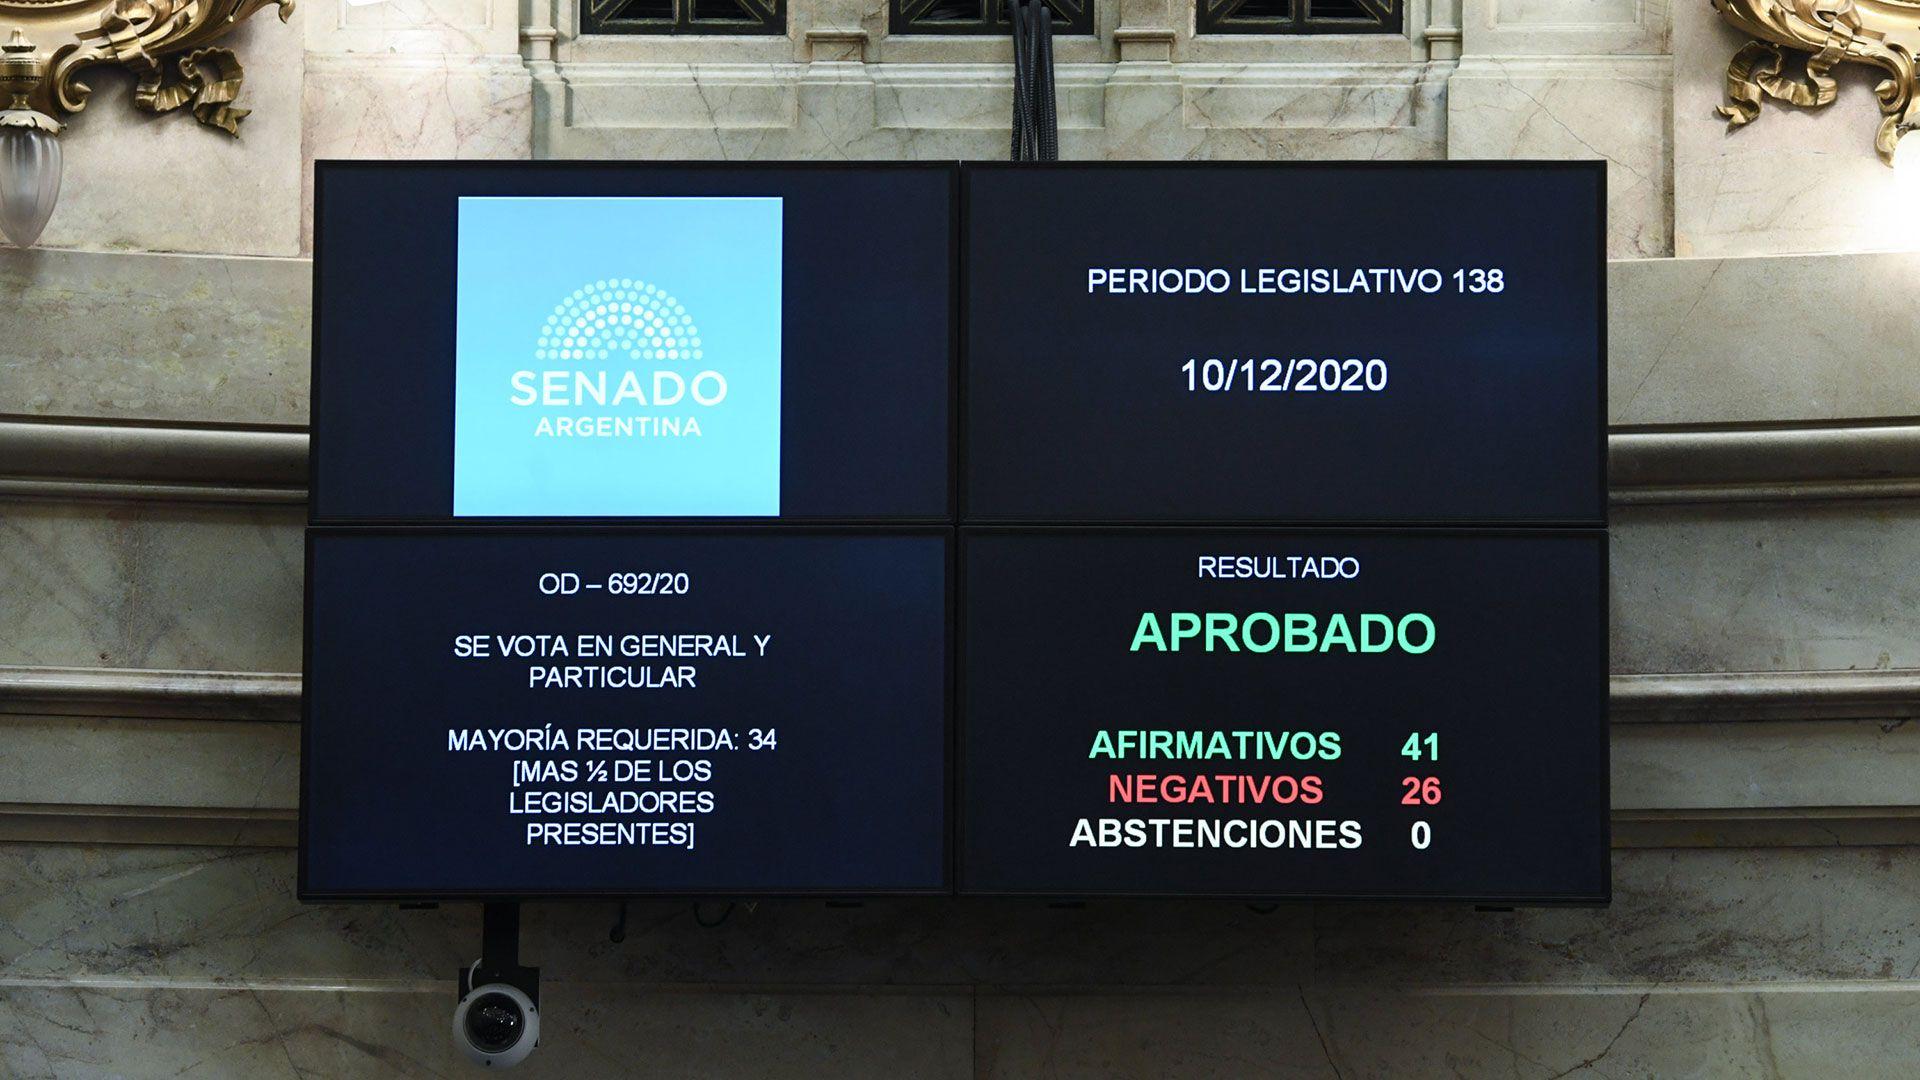 sesion senado 10 de diciembre 2020 movilidad jubilatoria